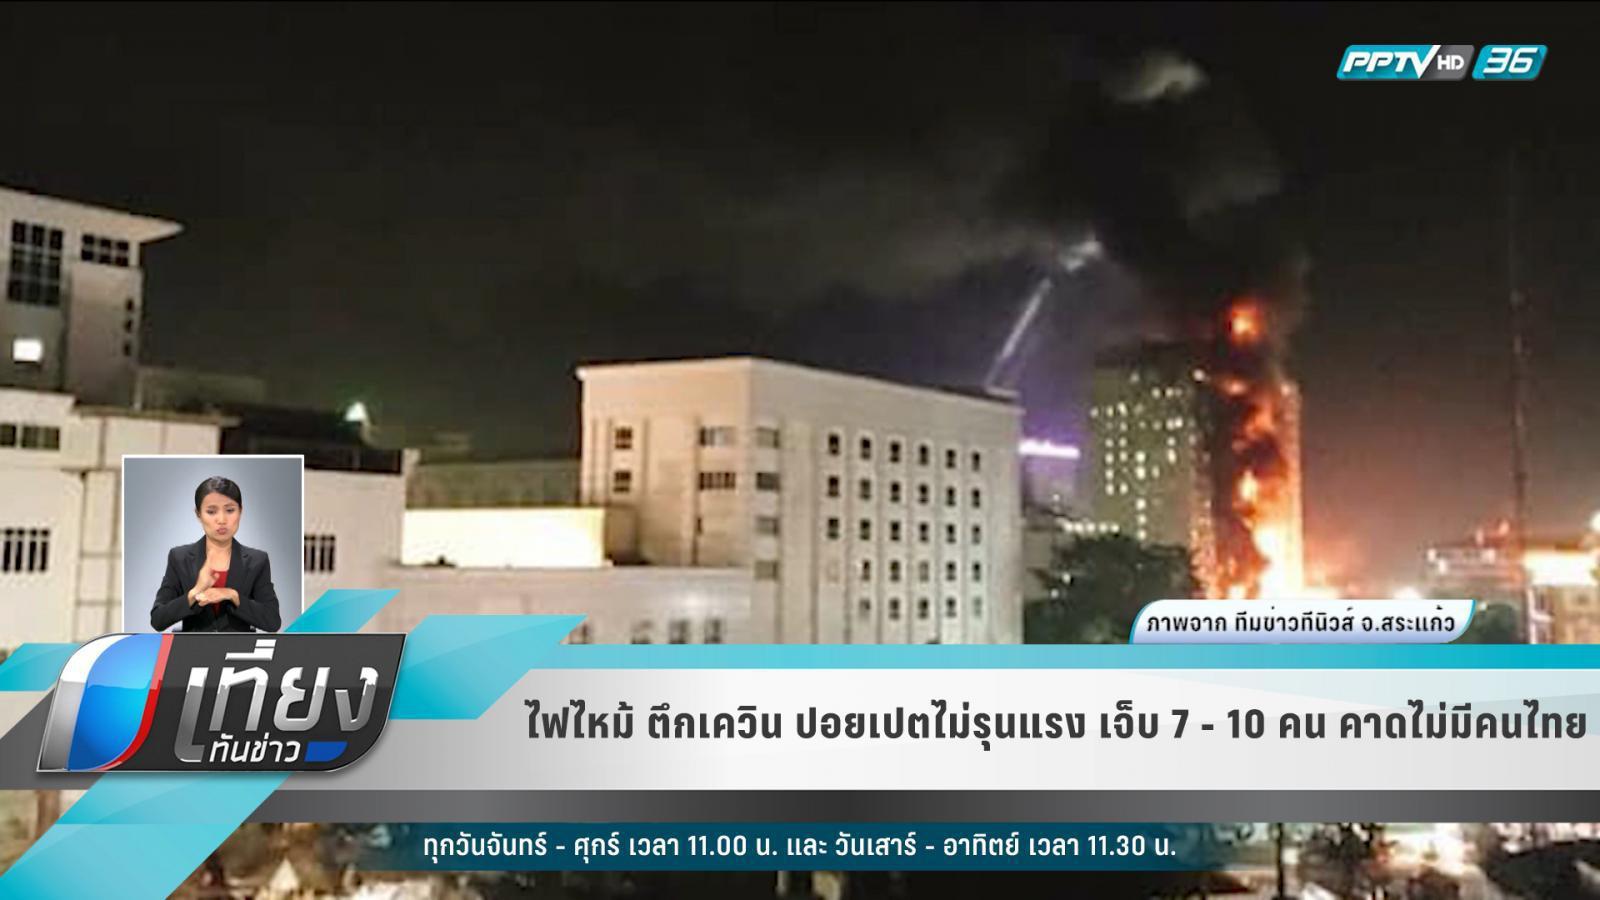 ไฟไหม้ที่ตั้งกาสิโนออนไลน์ ชายแดนปอยเปต